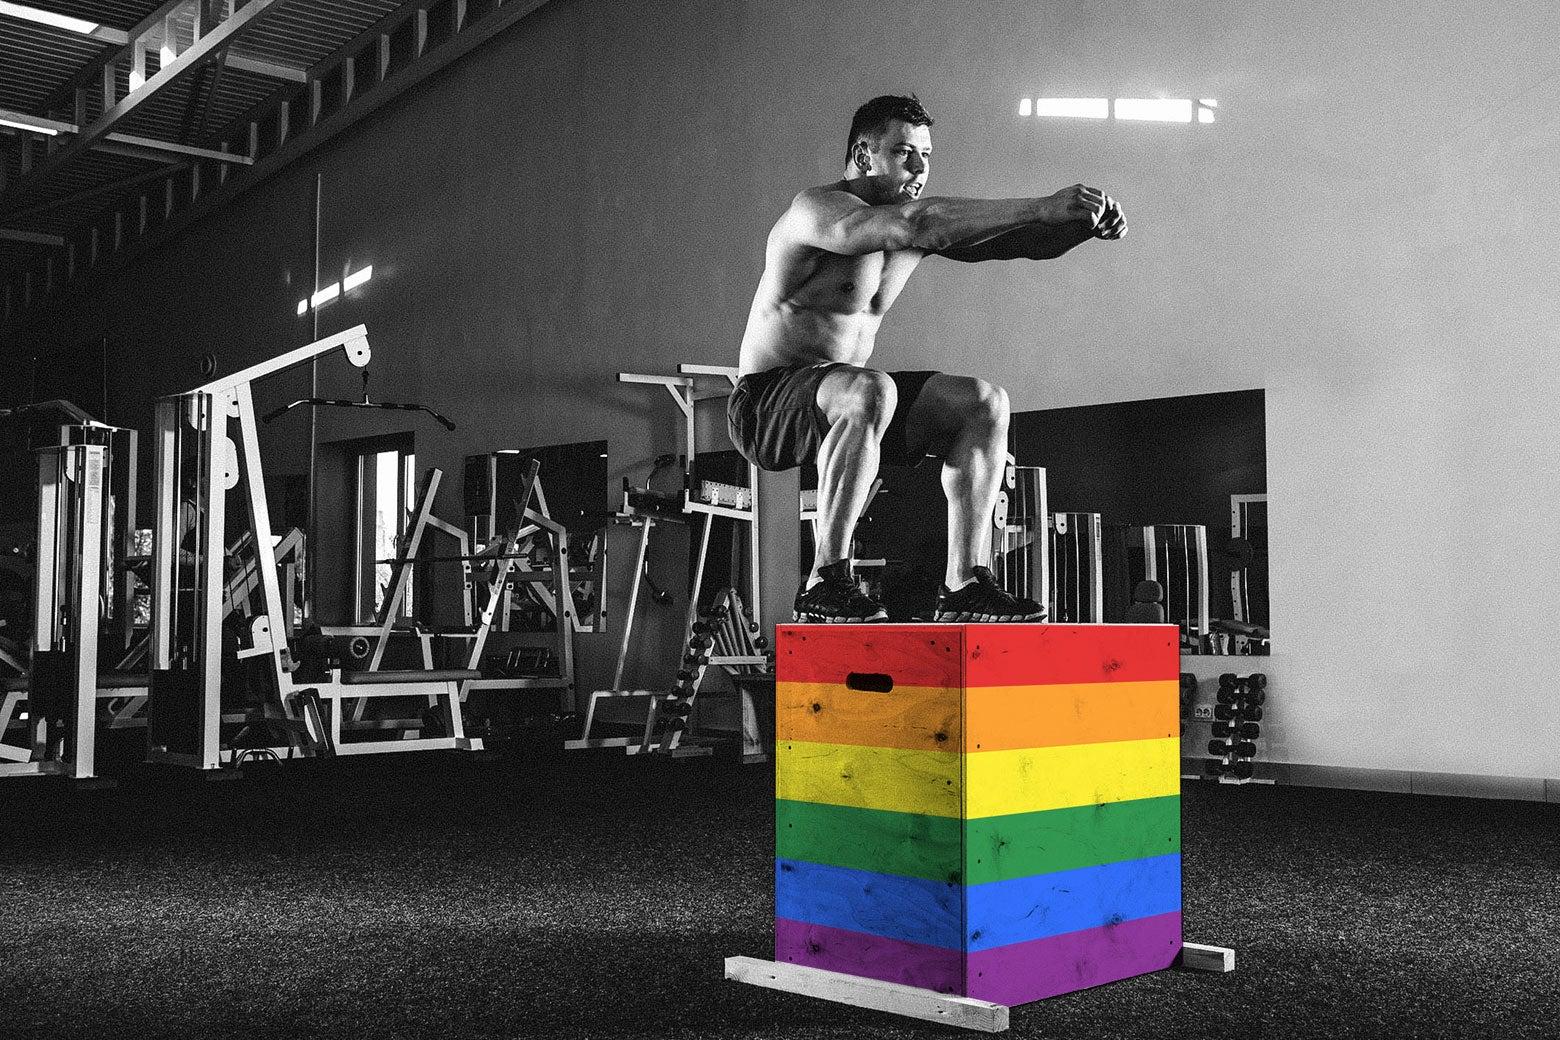 Gym foot lesbians